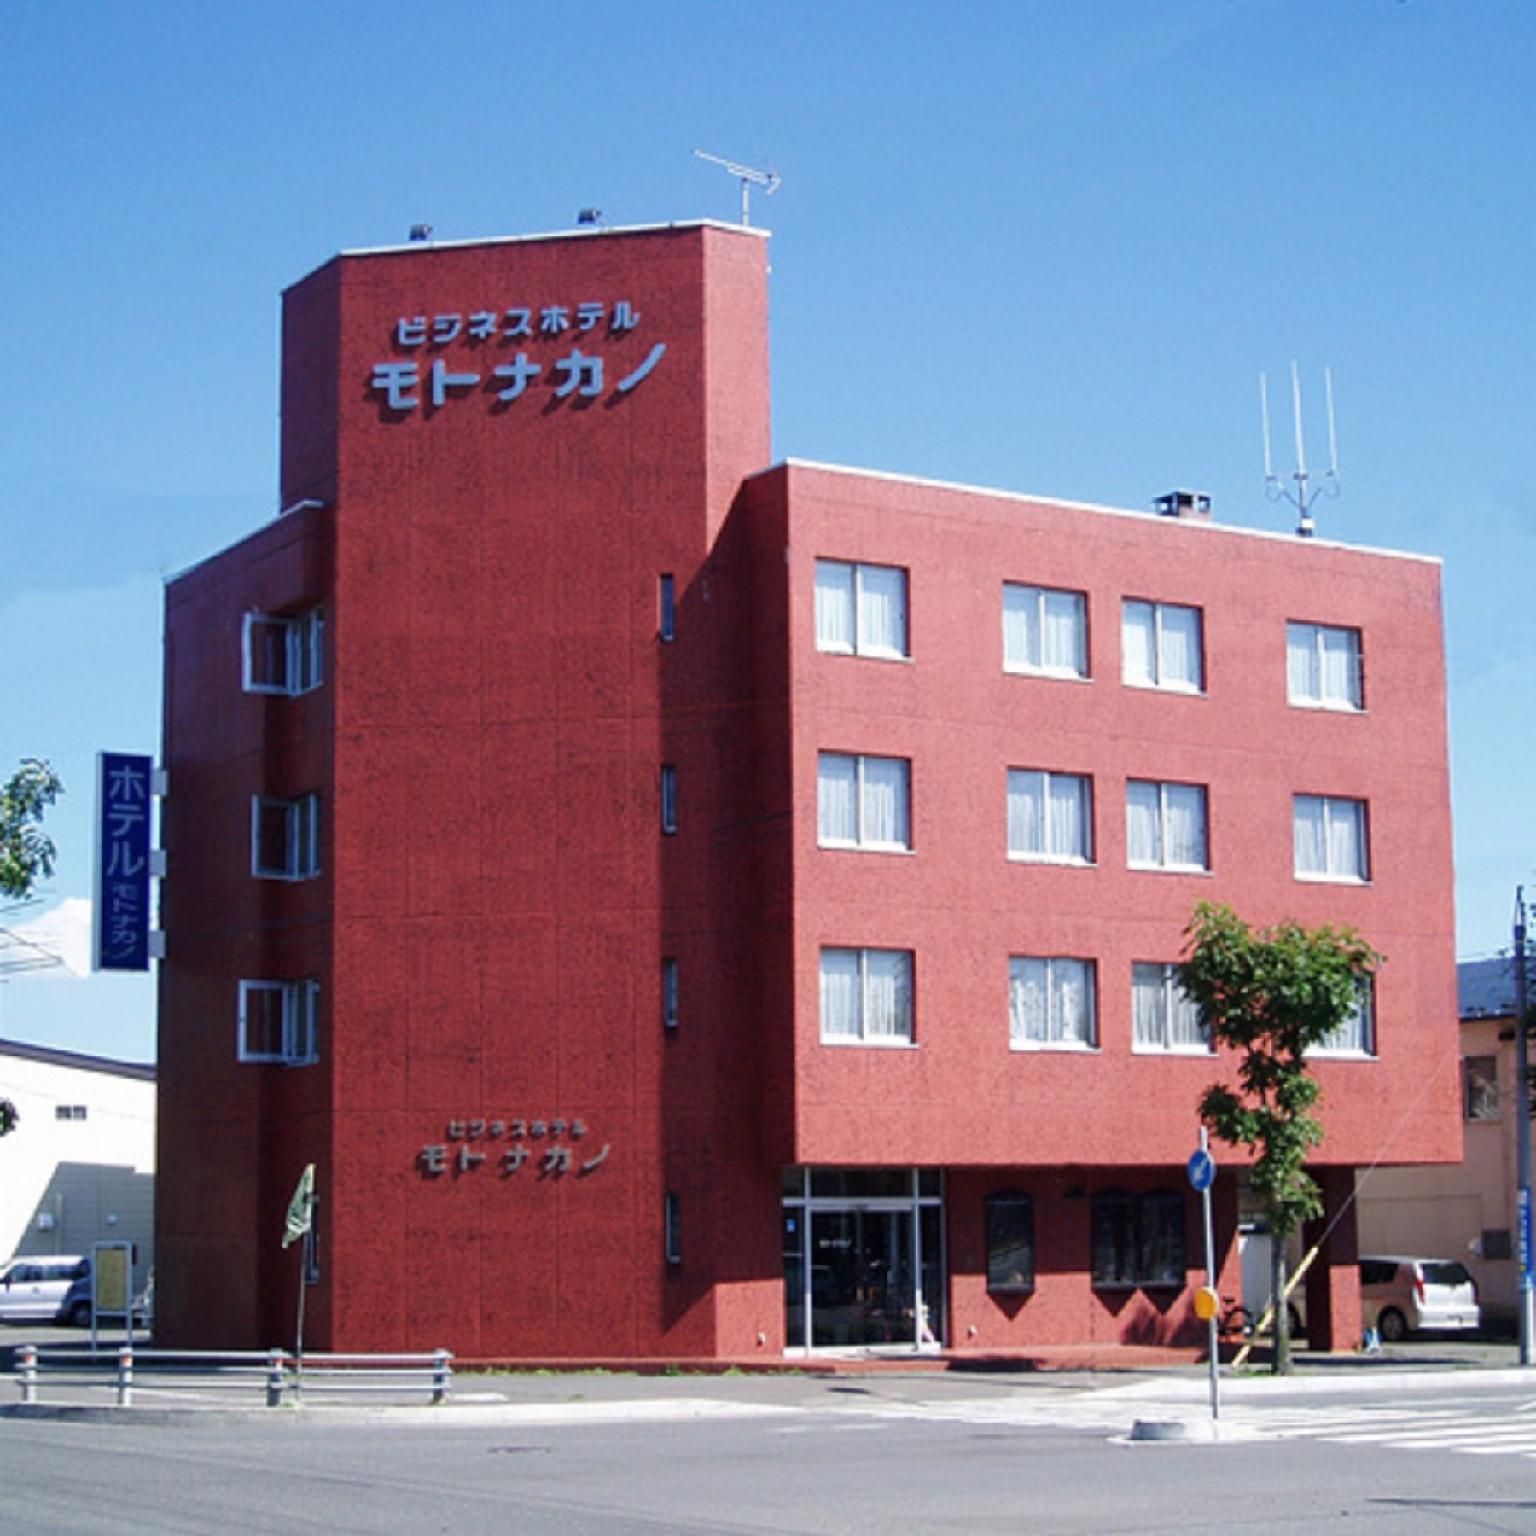 Buisiness Hotel Motonakano, Tomakomai